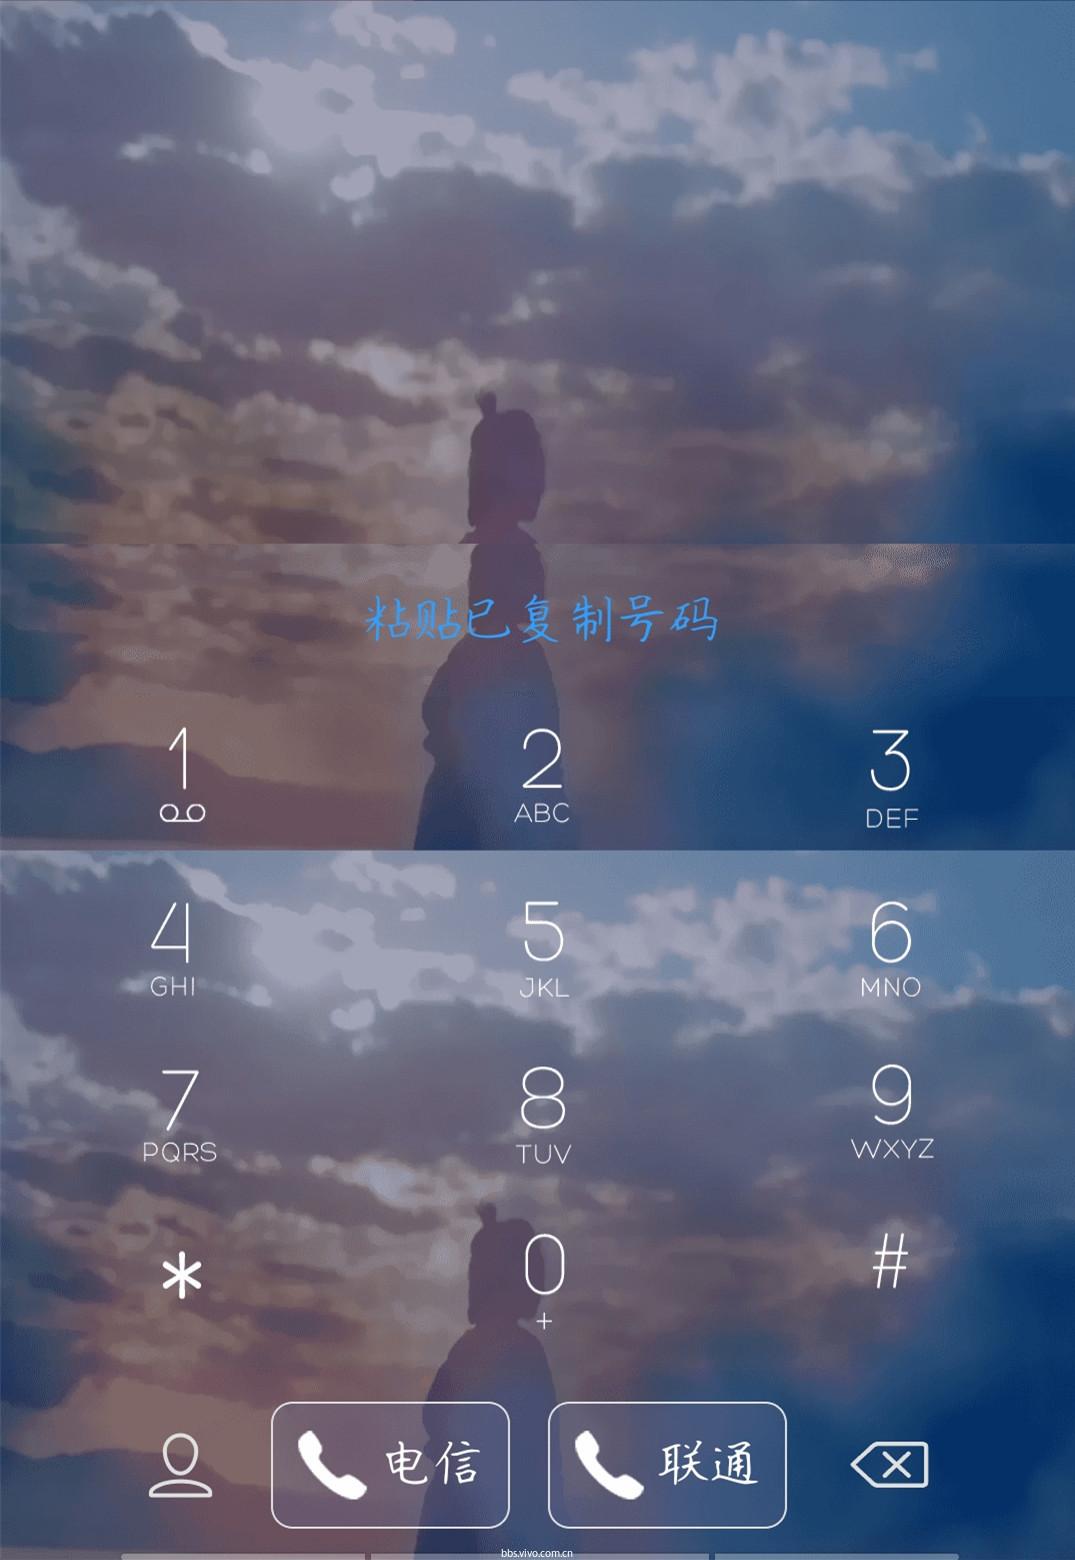 1333.jpg